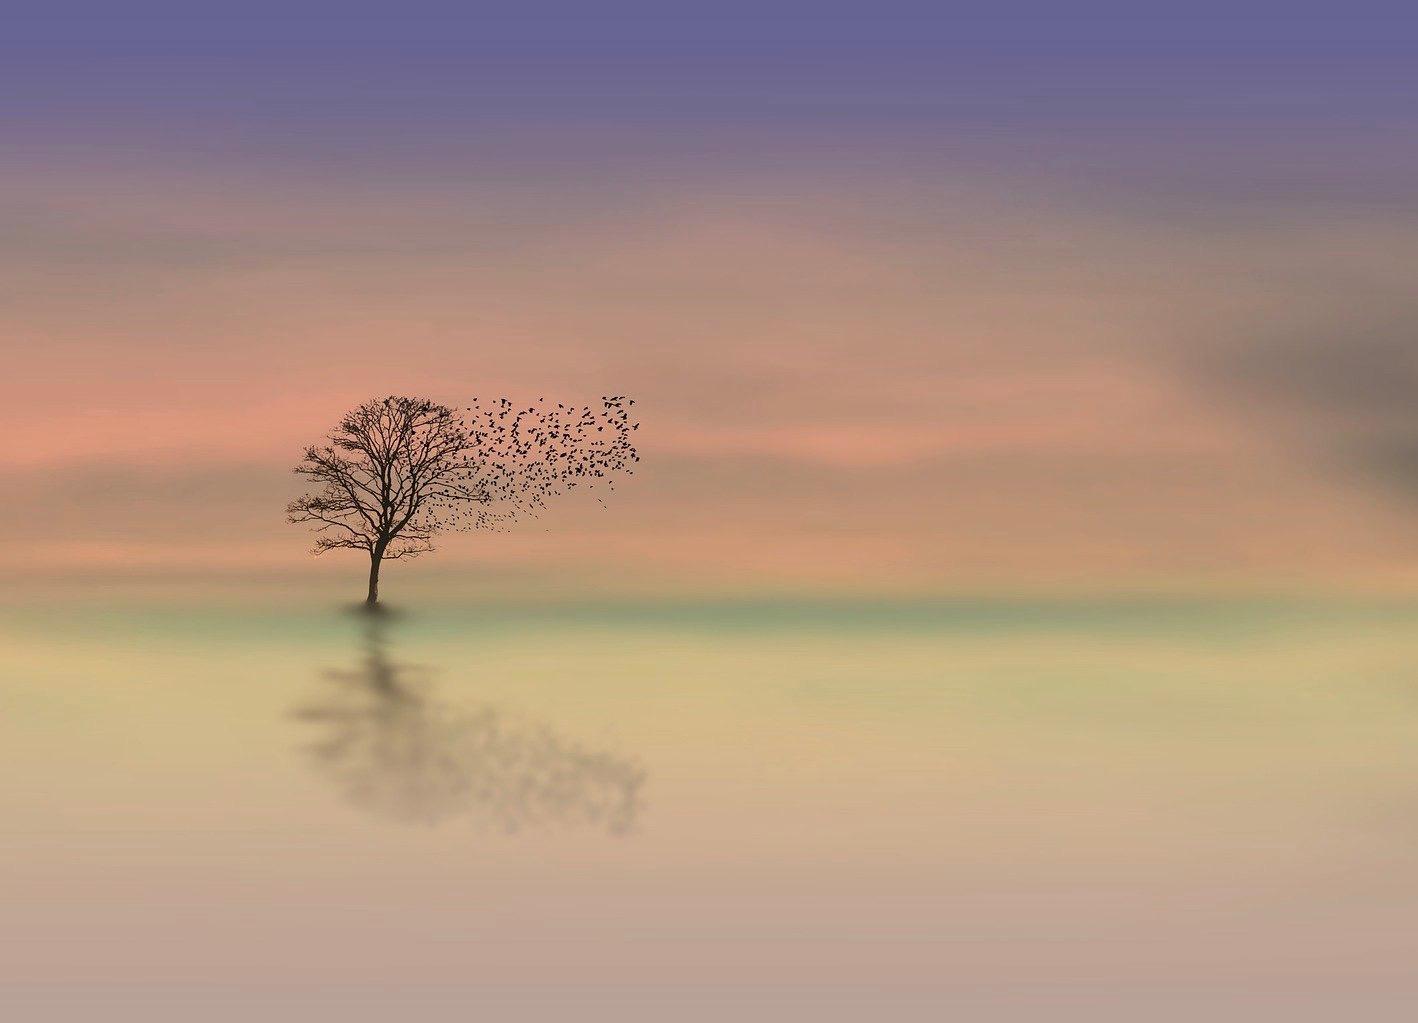 albero-nel-silenzio